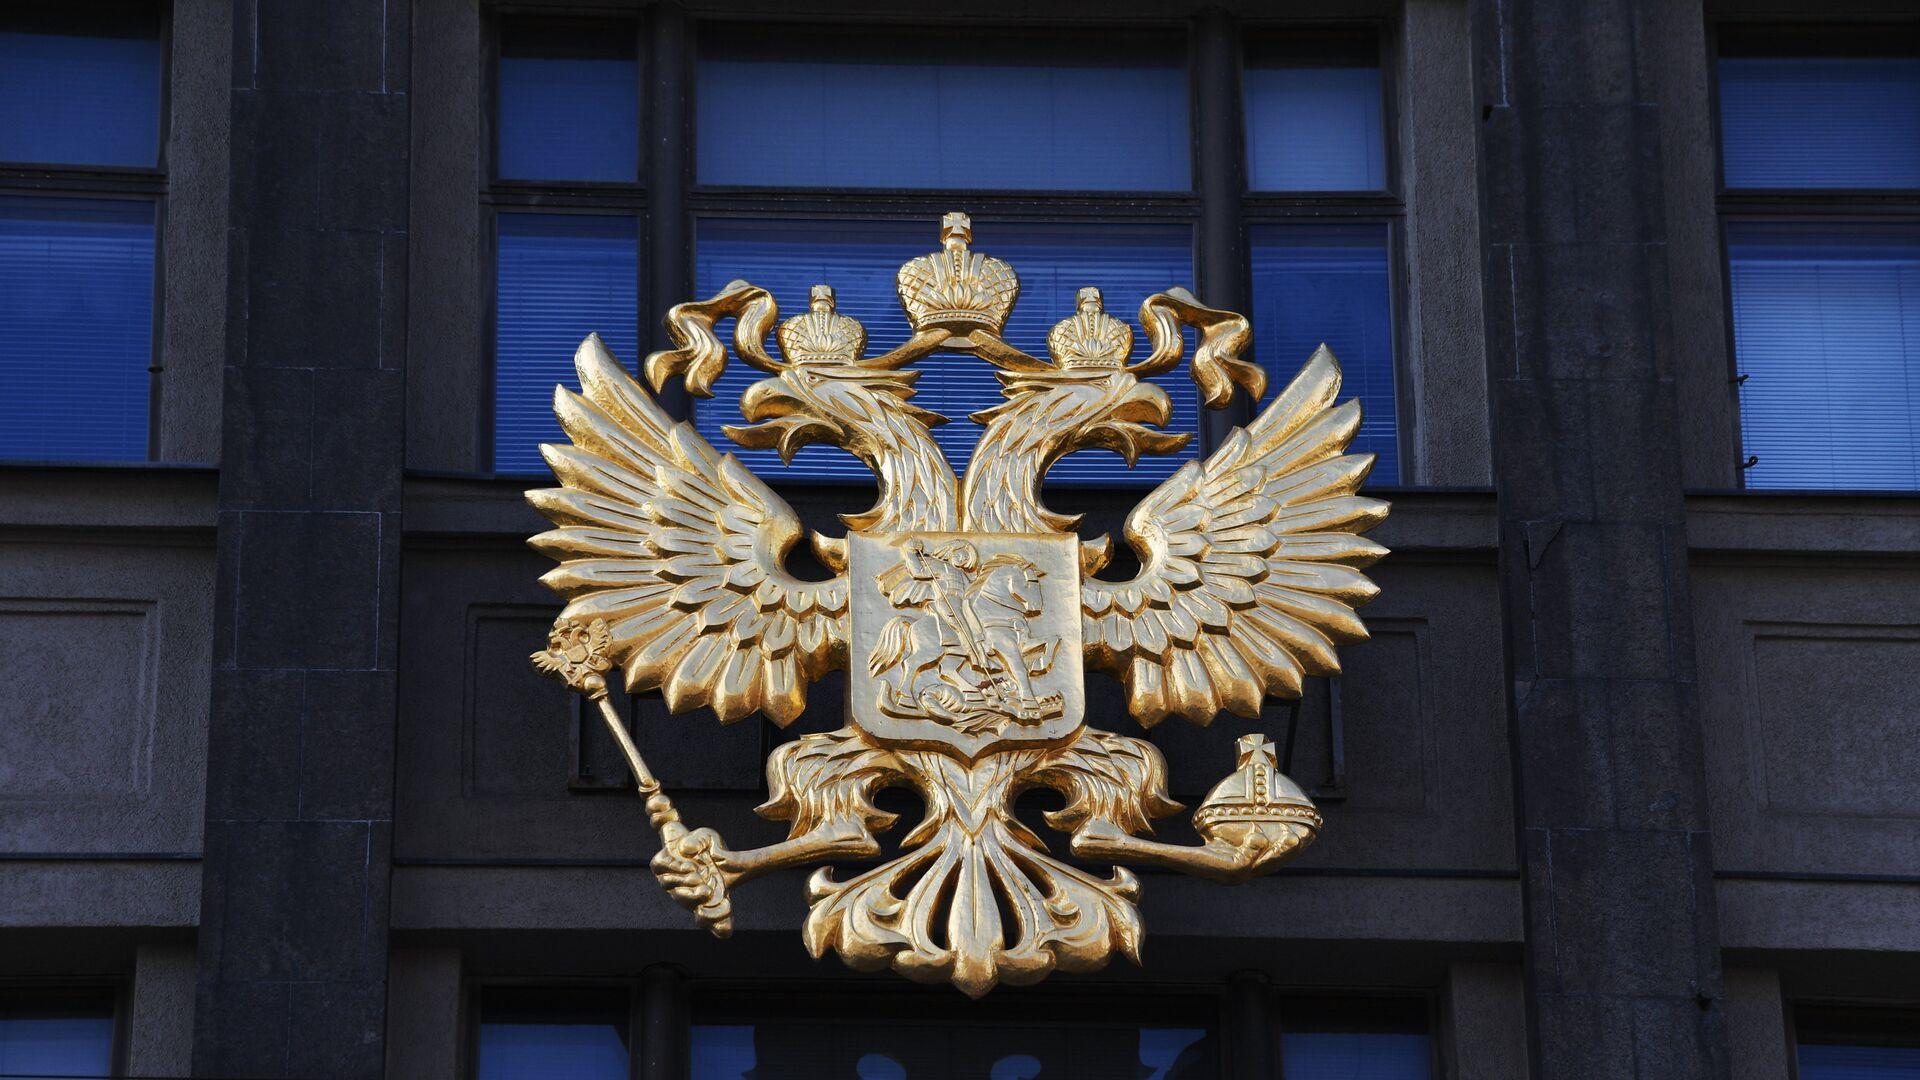 Герб на здании Государственной Думы РФ на улице Охотный ряд в Москве - РИА Новости, 1920, 27.09.2021